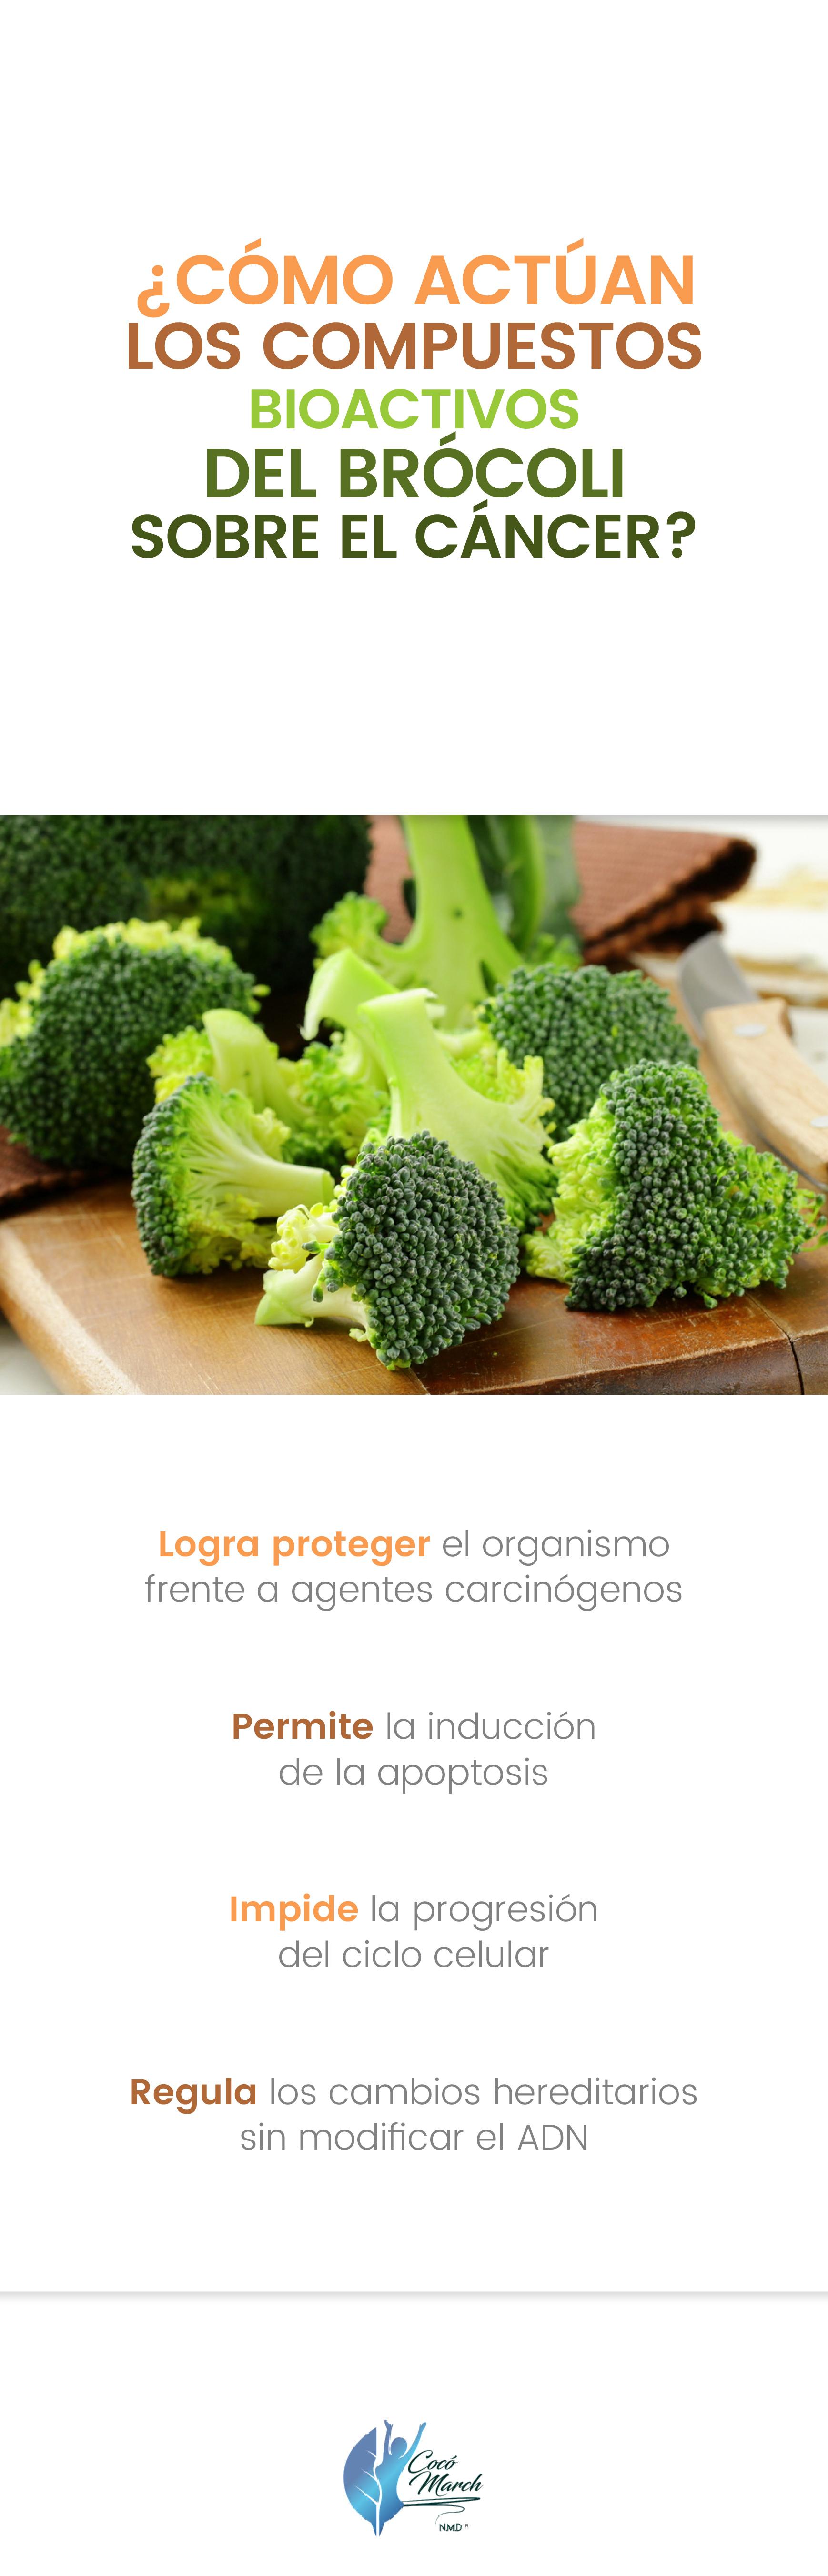 como-actuan-los-compuestos-bioactivos-del-brocoli-sobre-el-cancer